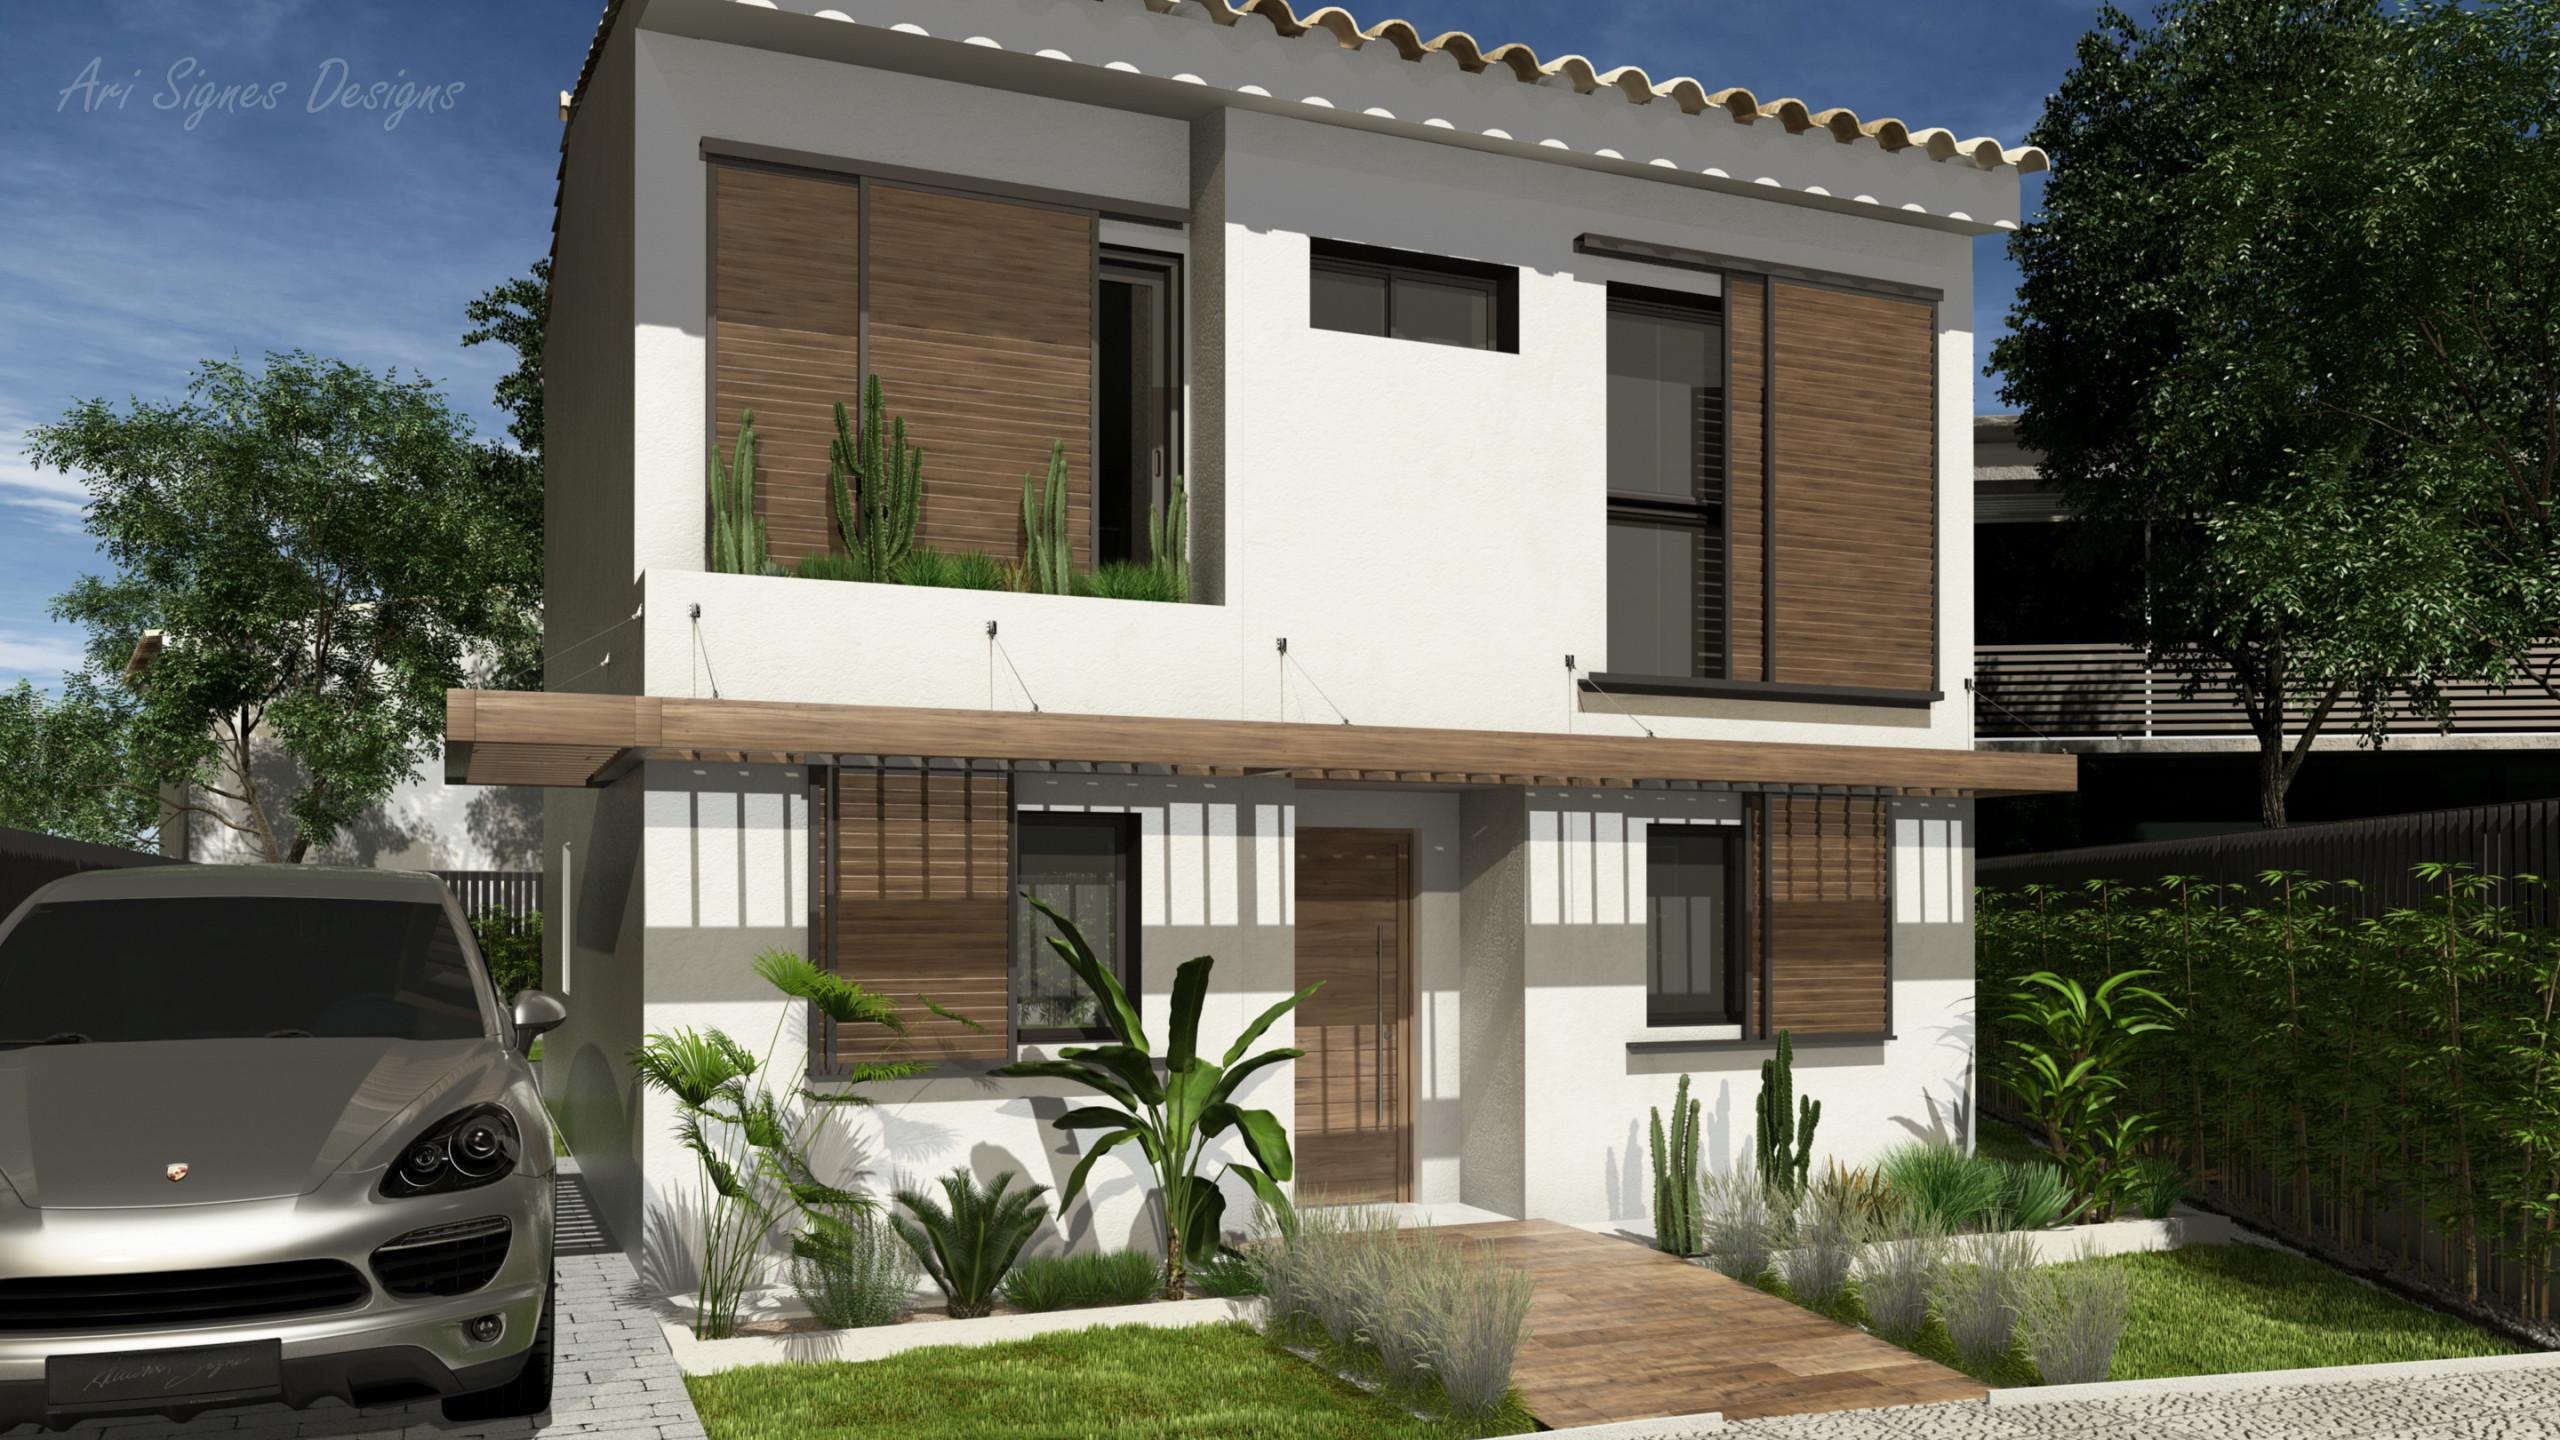 Nuevo proyecto de reforma integral de vivienda unifamiliar en Valencia